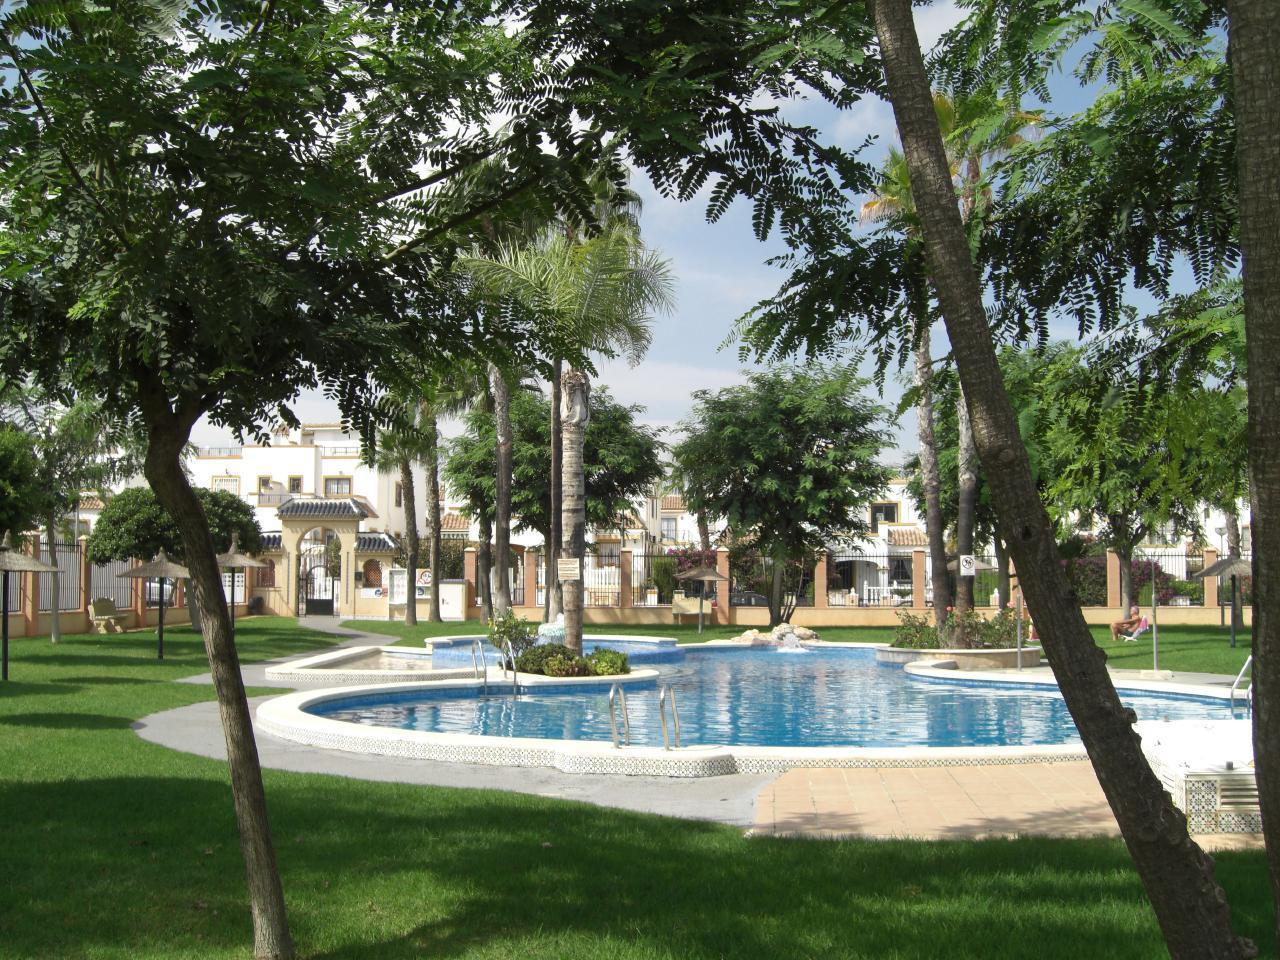 Ferienwohnung 4 Personen 62qm Costa Blanca (118835), Orihuela-Costa, Costa Blanca, Valencia, Spanien, Bild 27